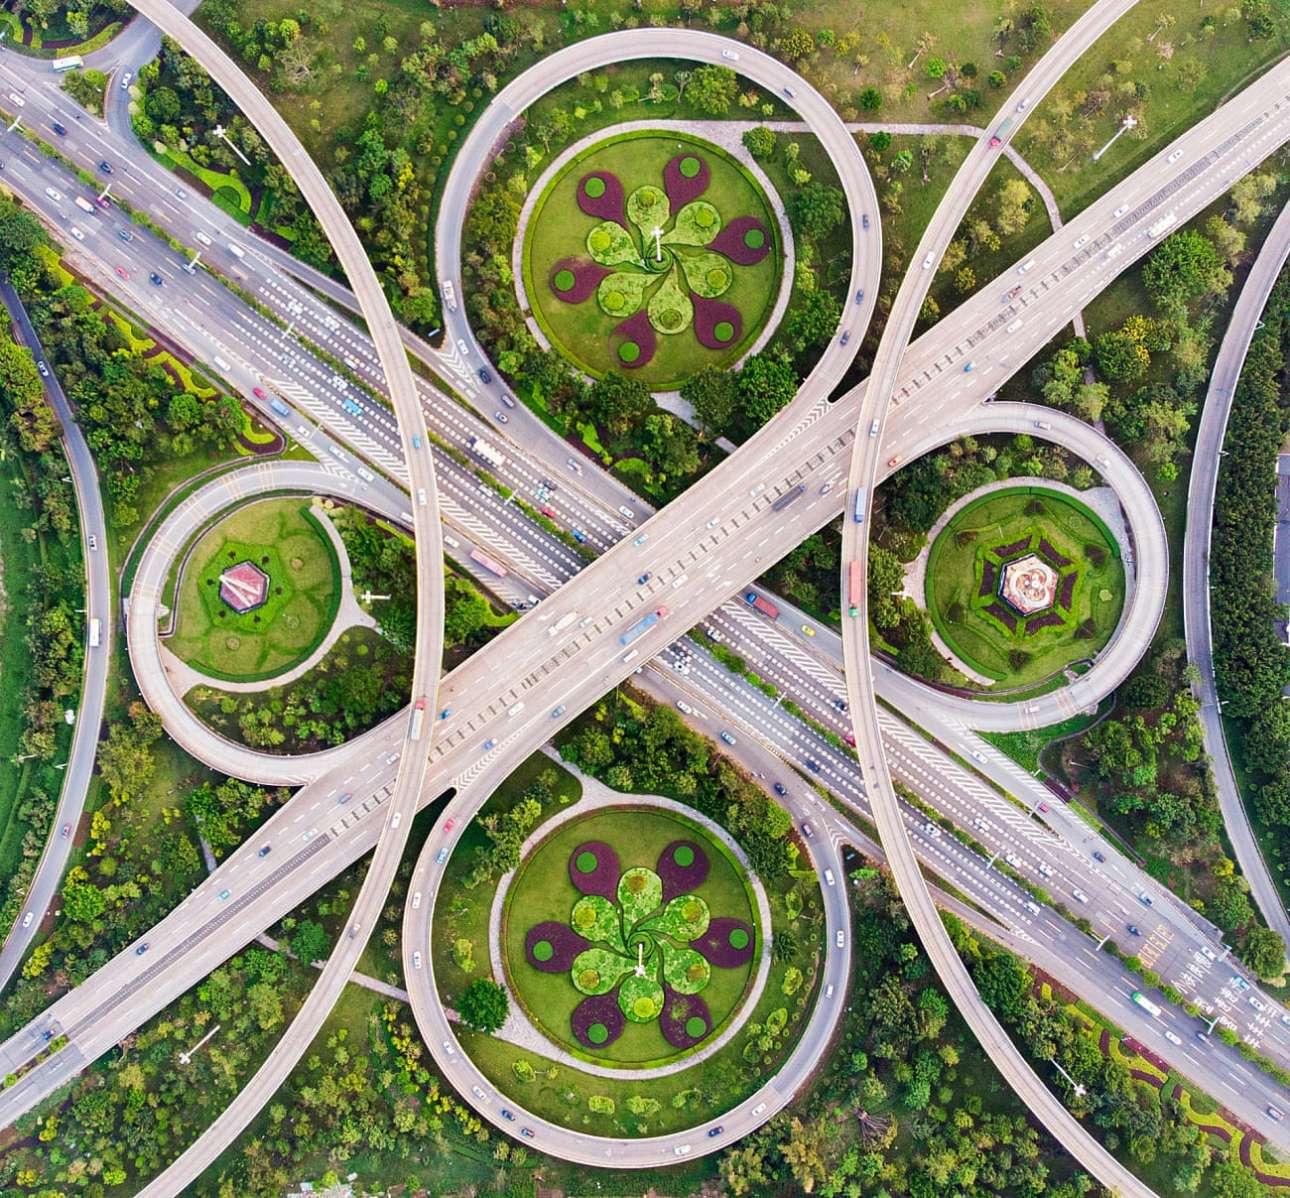 «Το βαλς των ανισόπεδων κόμβων». Μόνο μία φωτογραφία από ψηλά μπορεί να αιχμαλωτίσει την απόλυτη συμμετρία μεταξύ του ανισόπεδου κόμβου και των στρογγυλών παρτεριών, στην πόλη Φοσάν της Κίνας